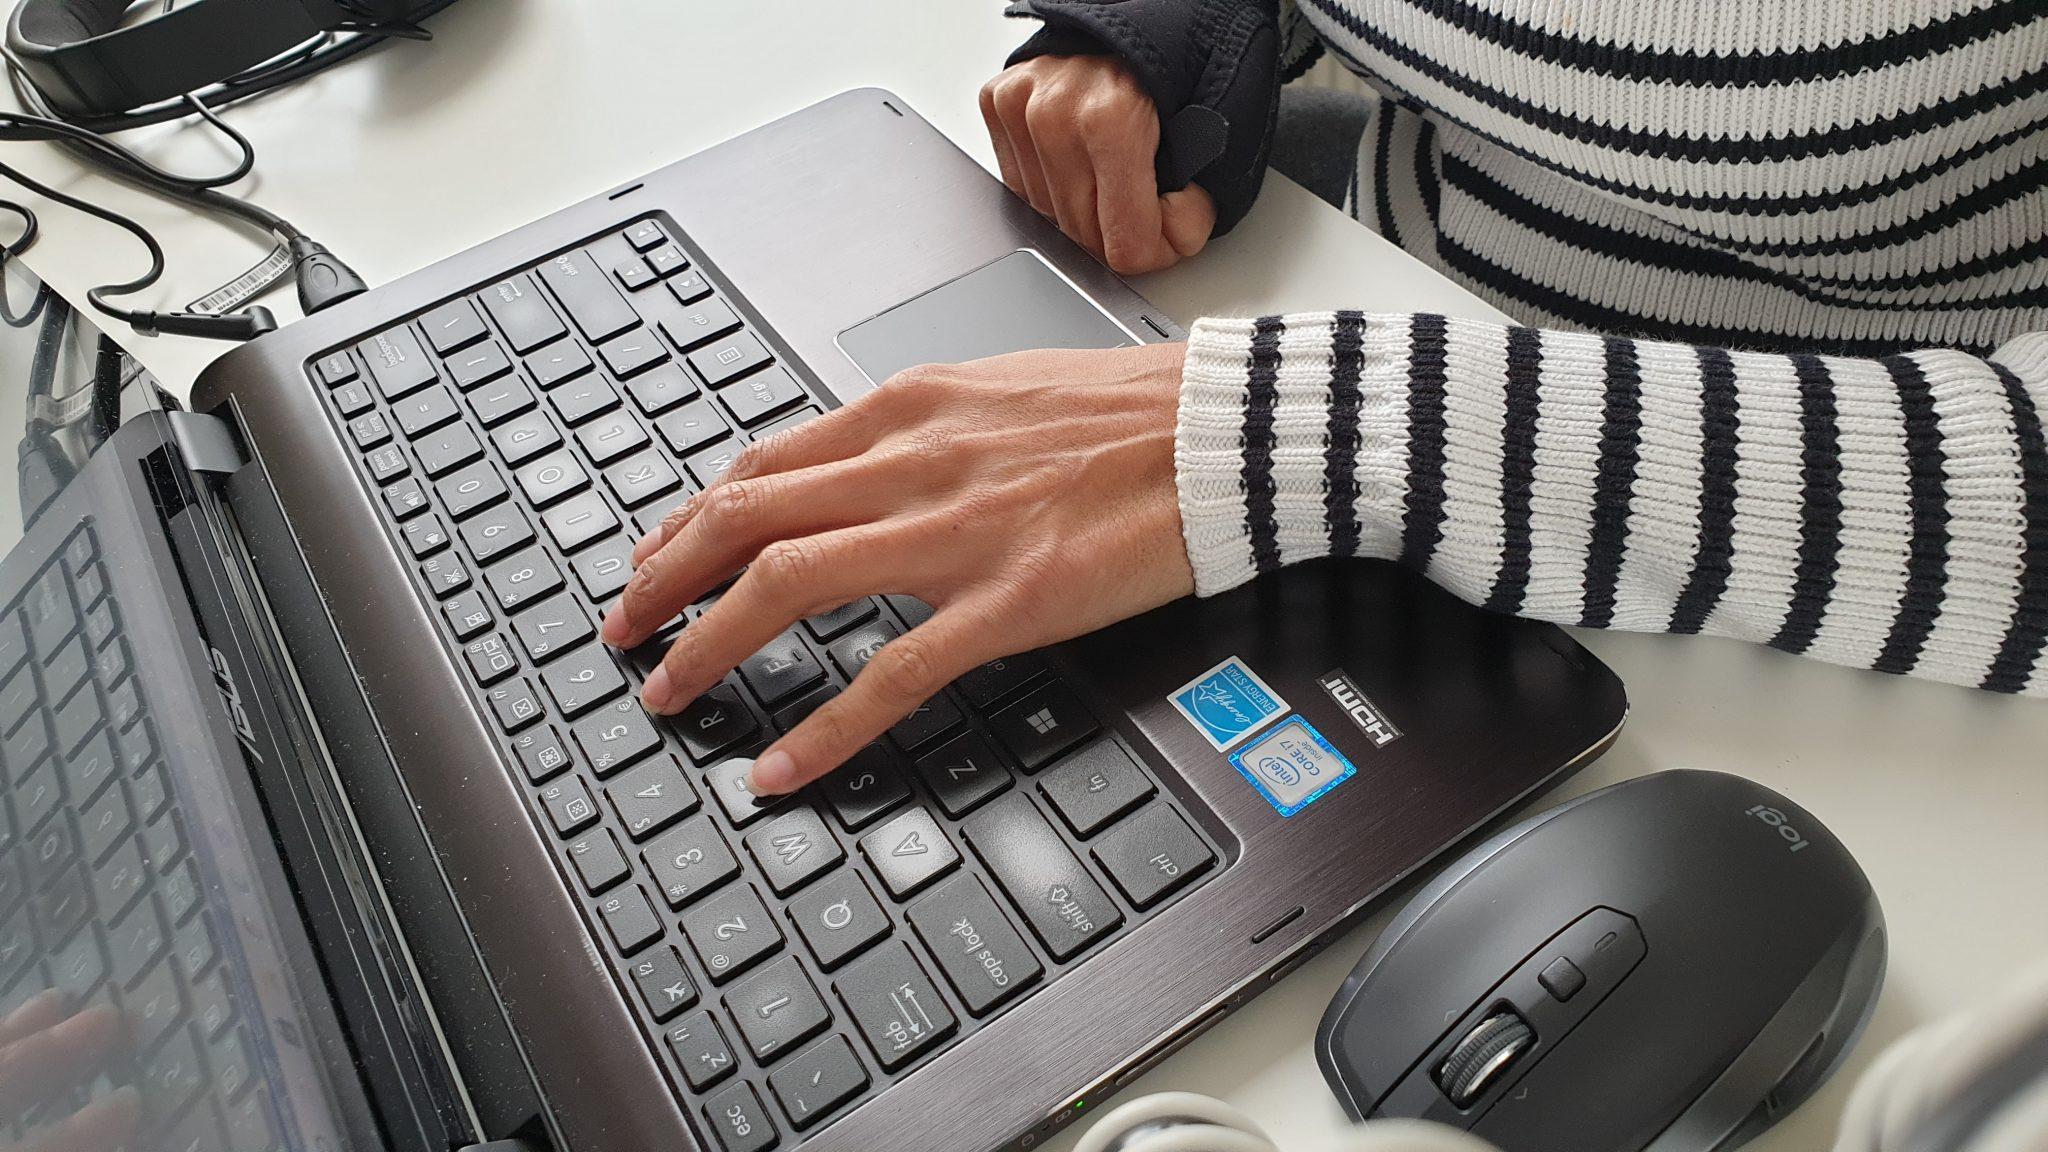 Typen met een hand vanwege CP en een arbeidsbeperking.